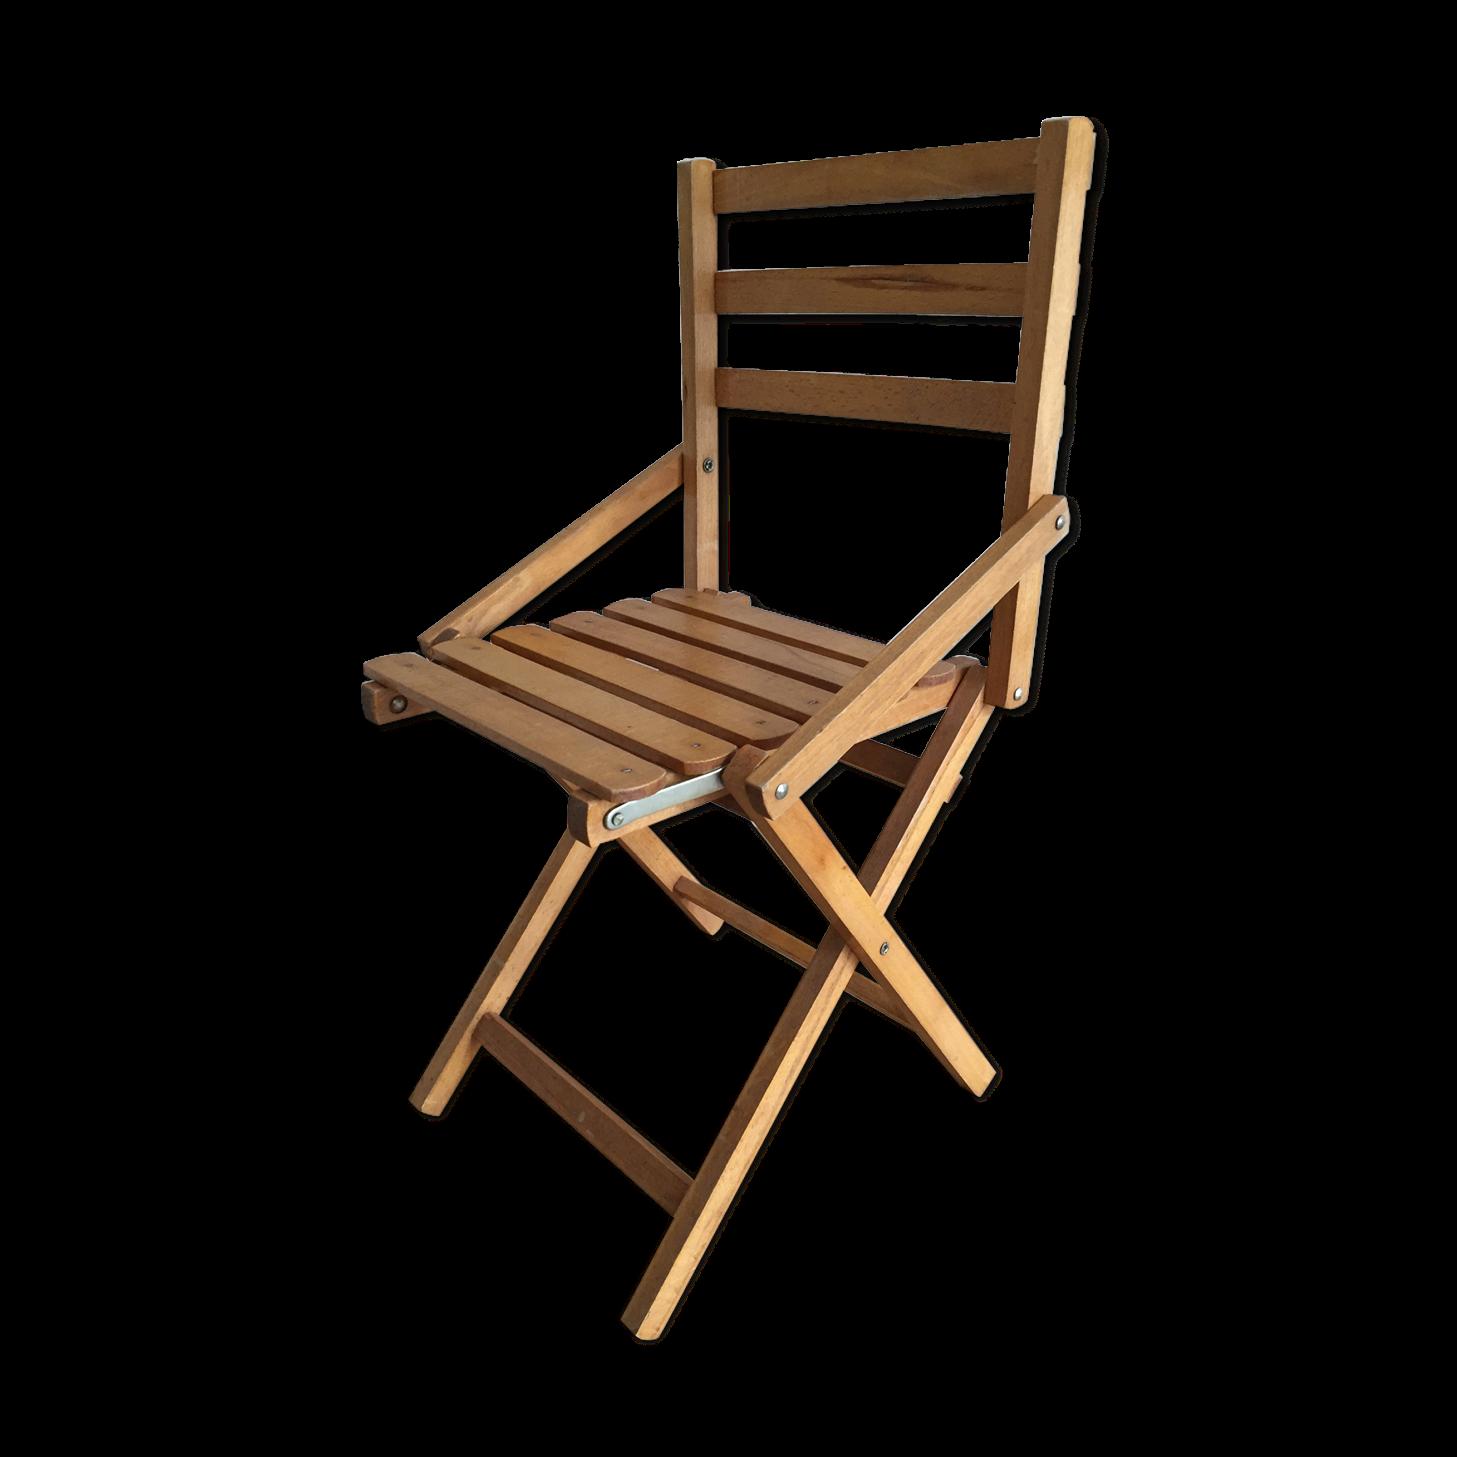 chaise d enfant best tonnant salon avec table et chaise enfant bois table basse table pliante. Black Bedroom Furniture Sets. Home Design Ideas